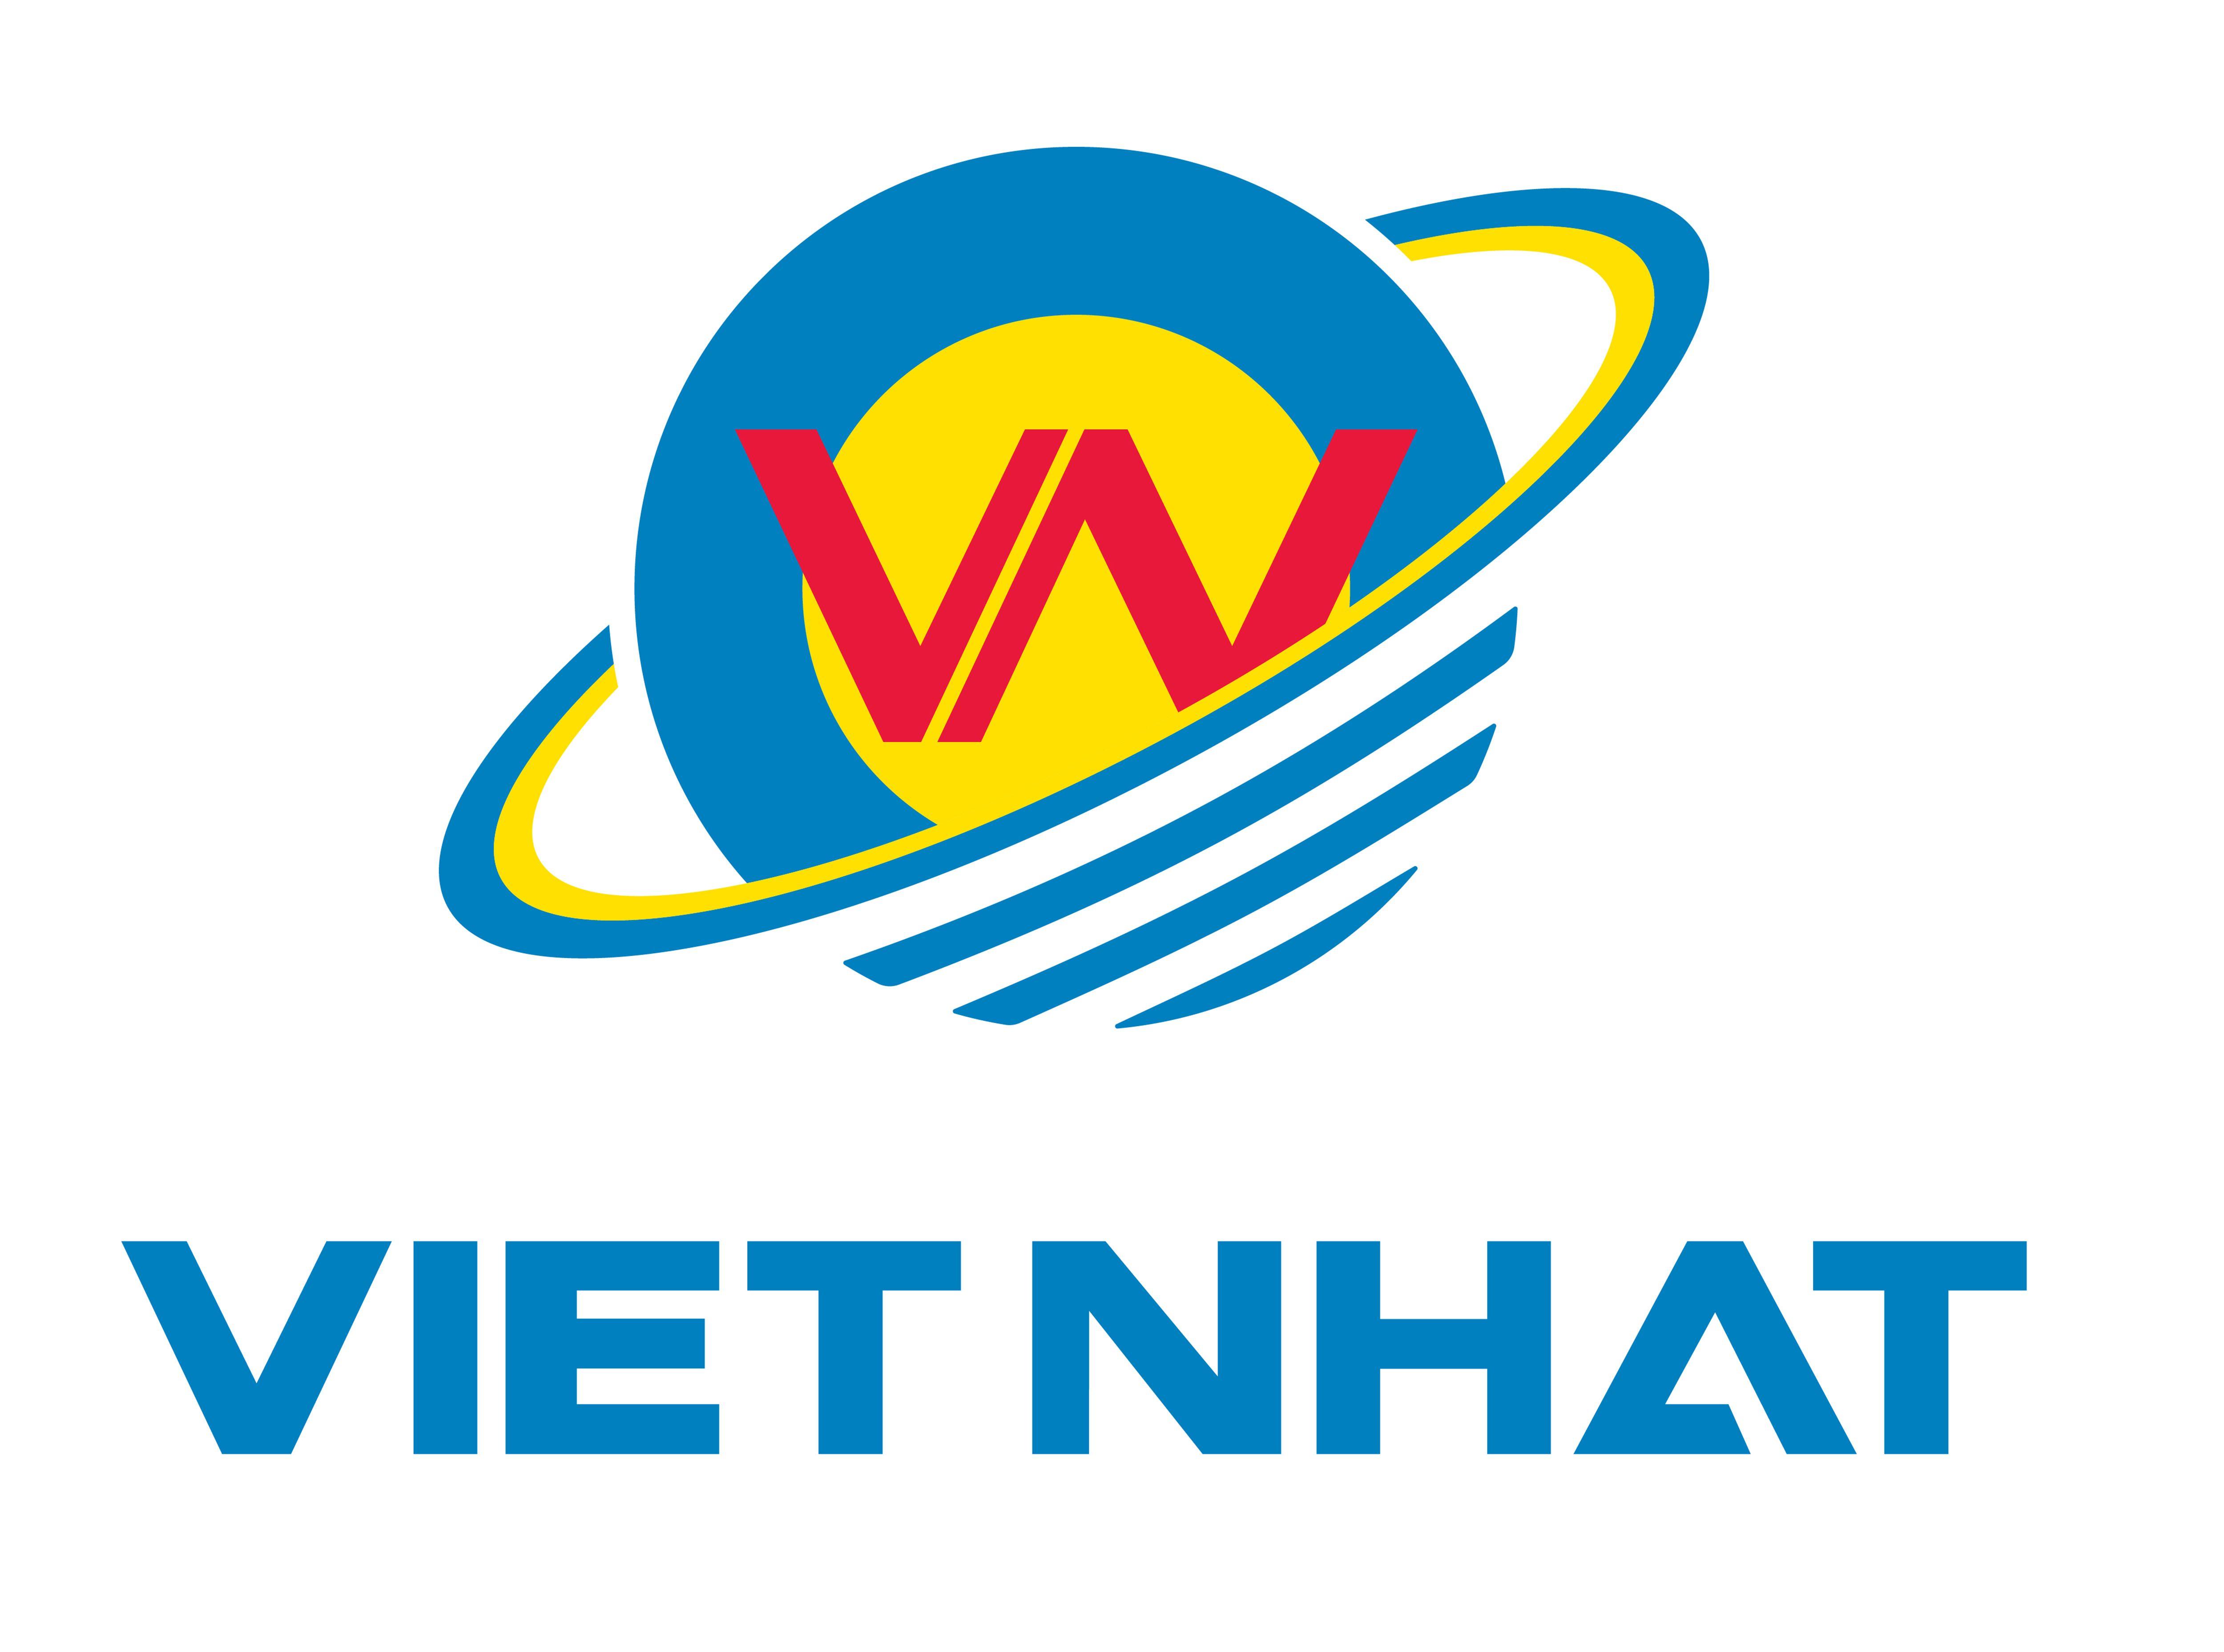 Việt Nhật chuyên NK và PP Máy chấm công vân tay, thẻ từ, Barrier tự động, kiểm soát ra vào,cổng tay xoay 3 chấu